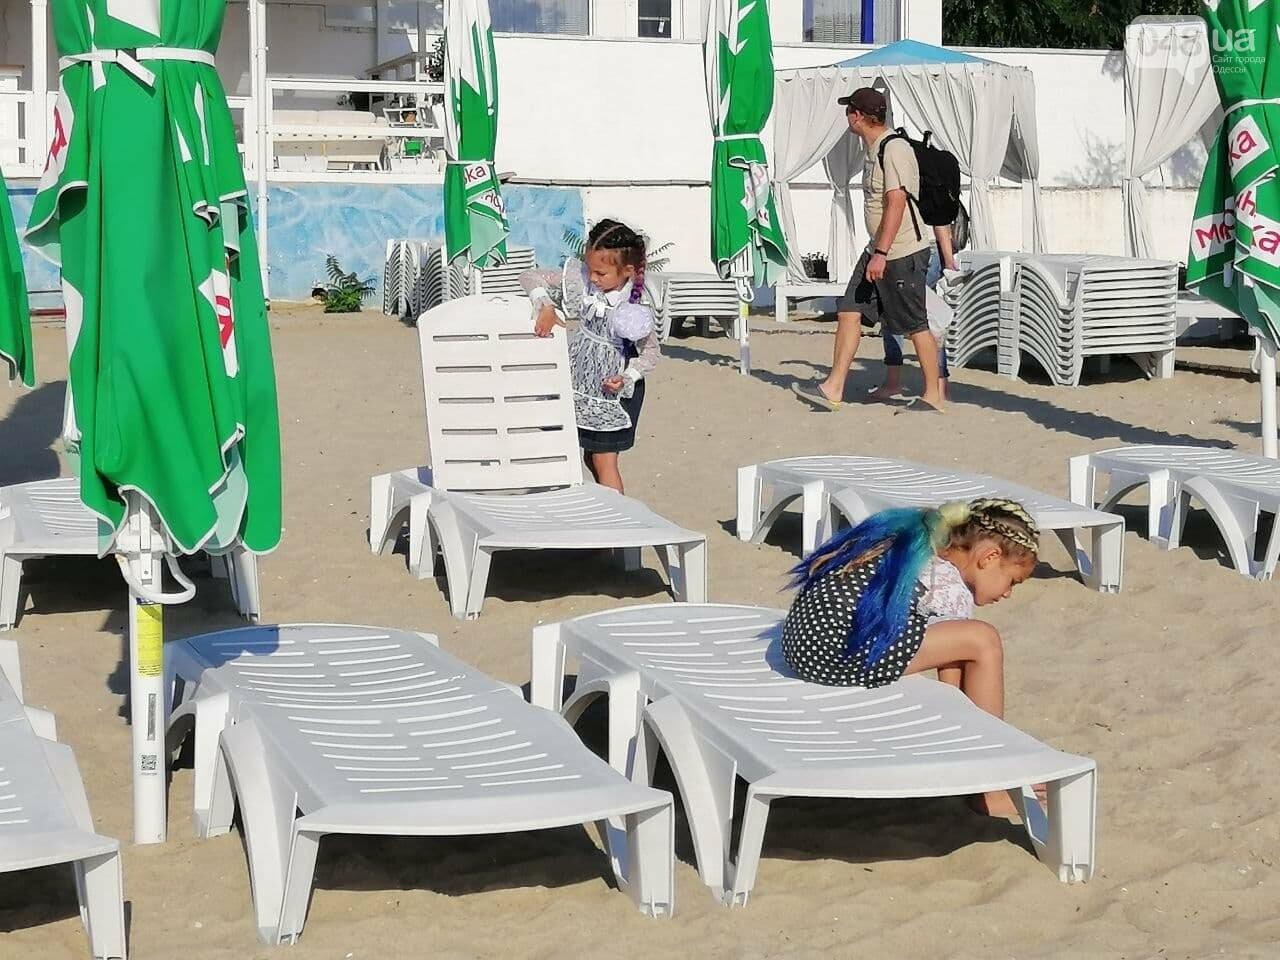 Что происходит в первый день осени на одесском пляже,- ФОТОРЕПОРТАЖ, фото-6